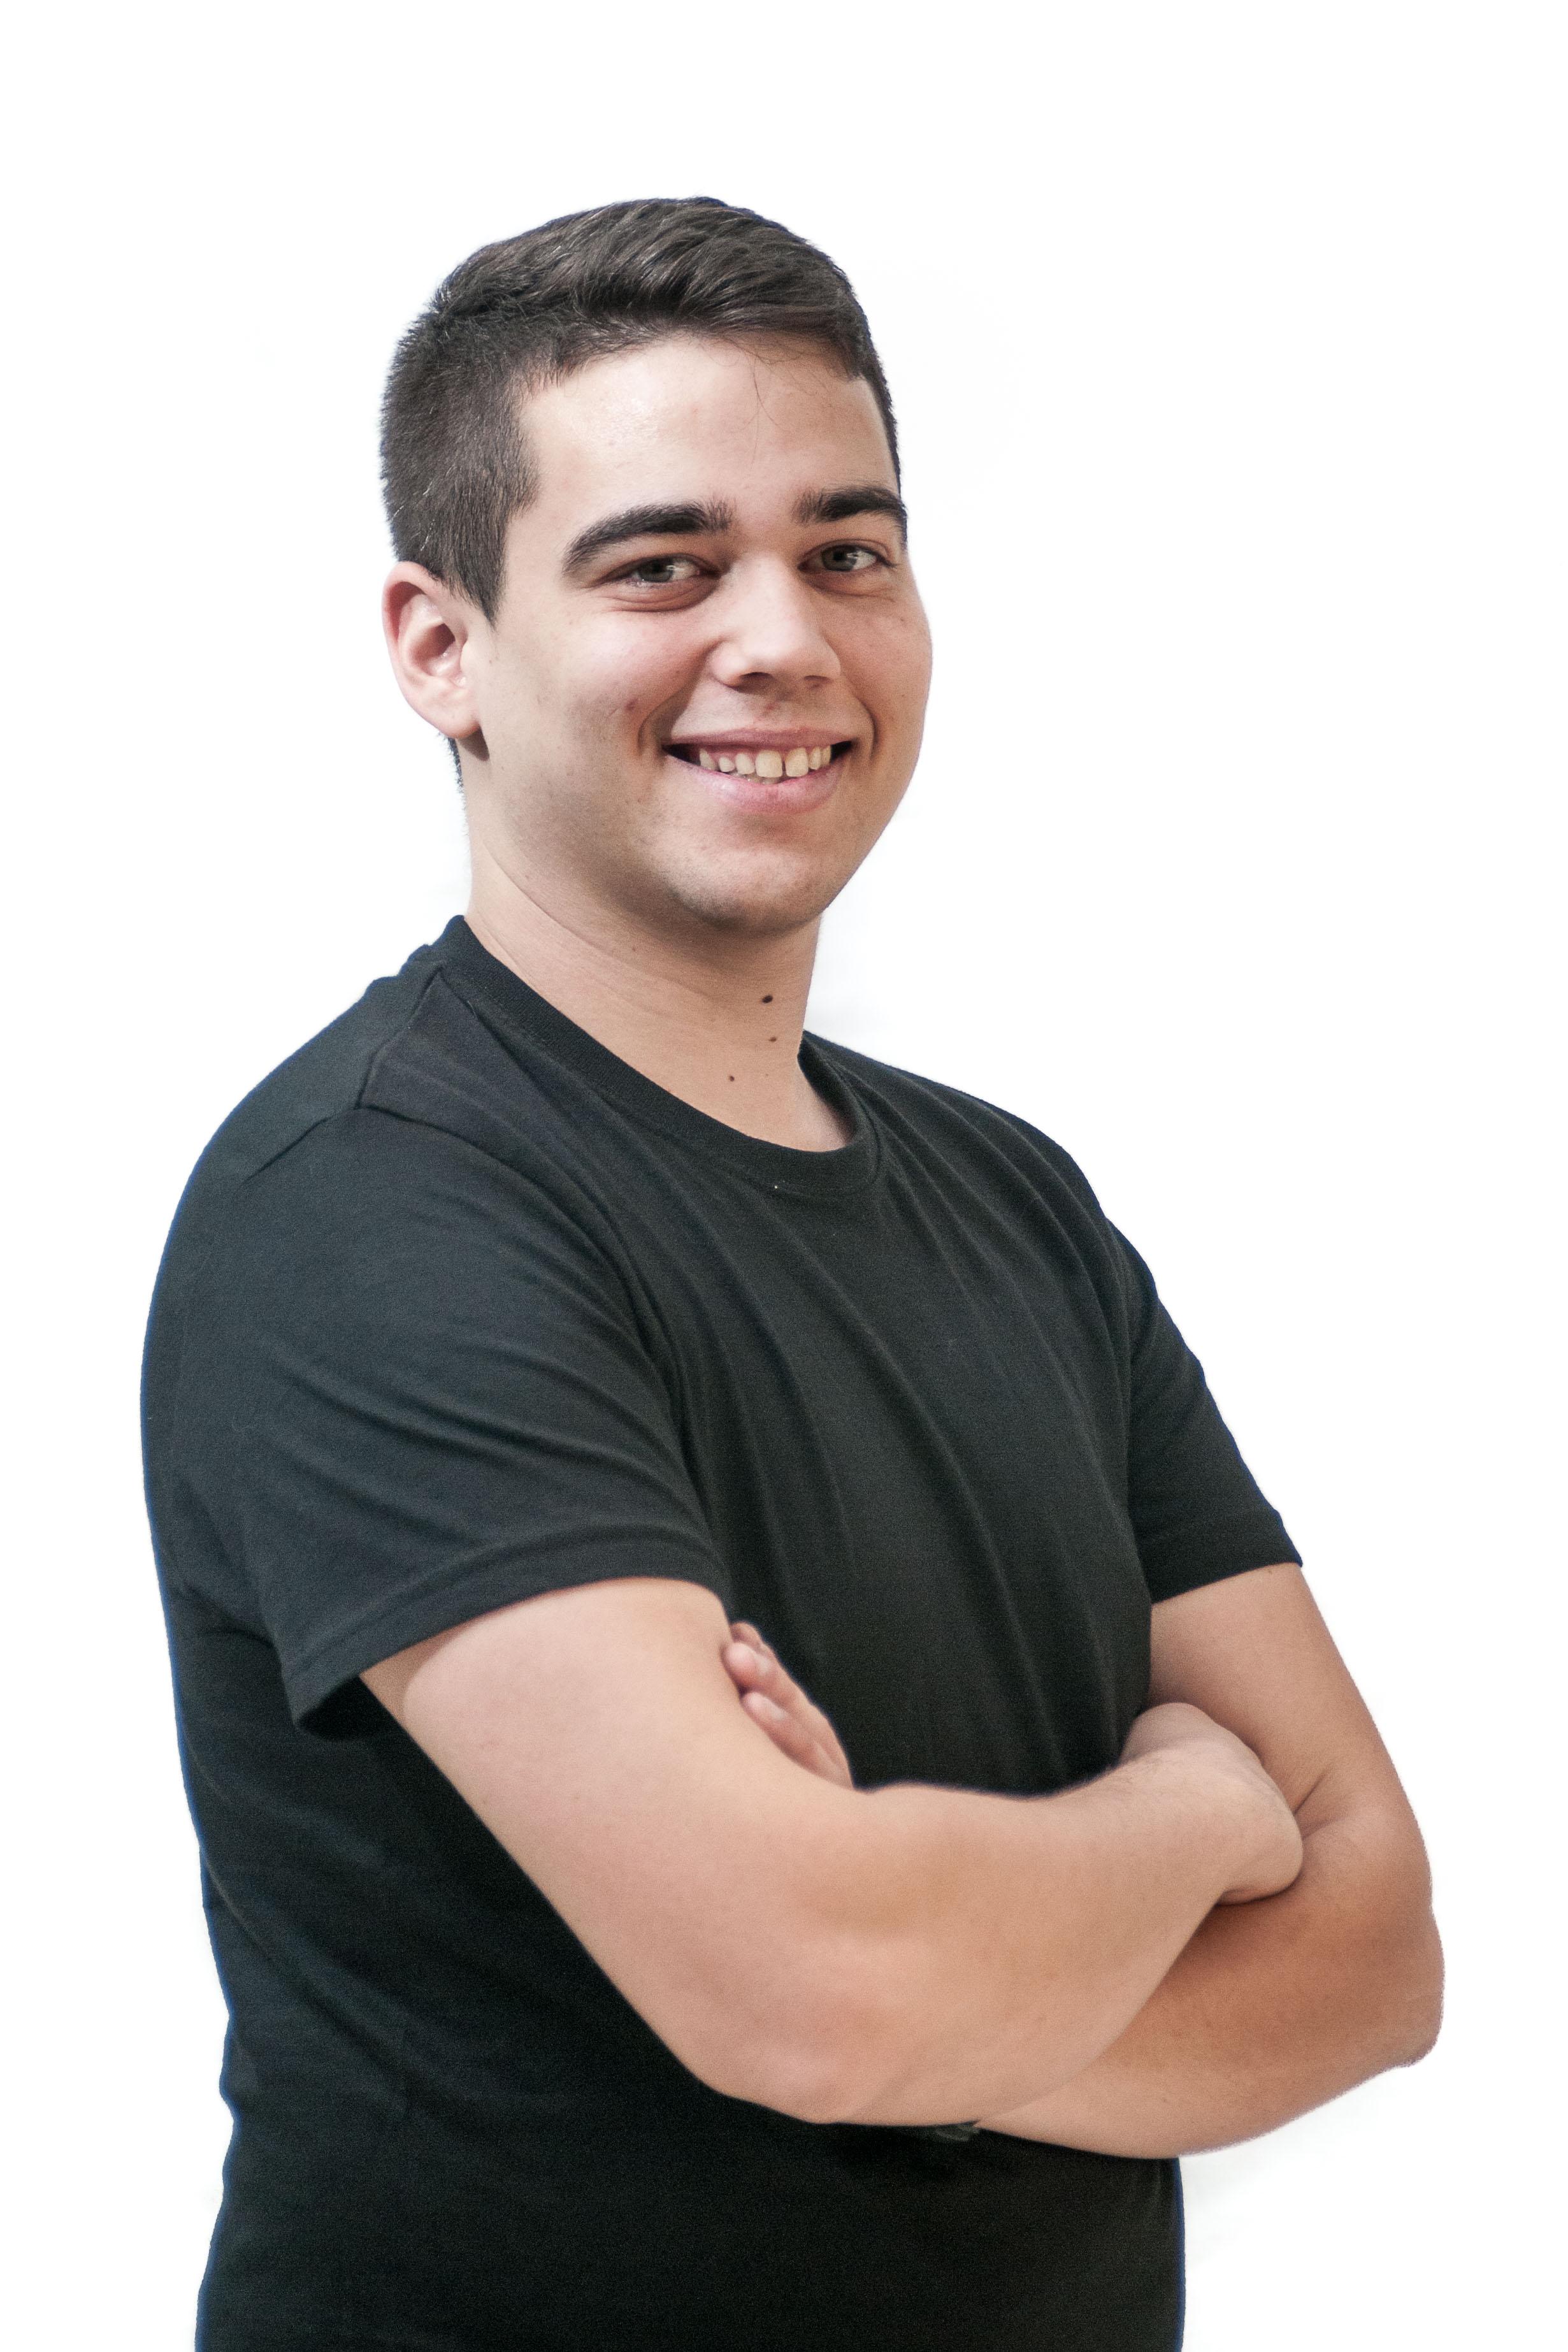 David Quintana Santana